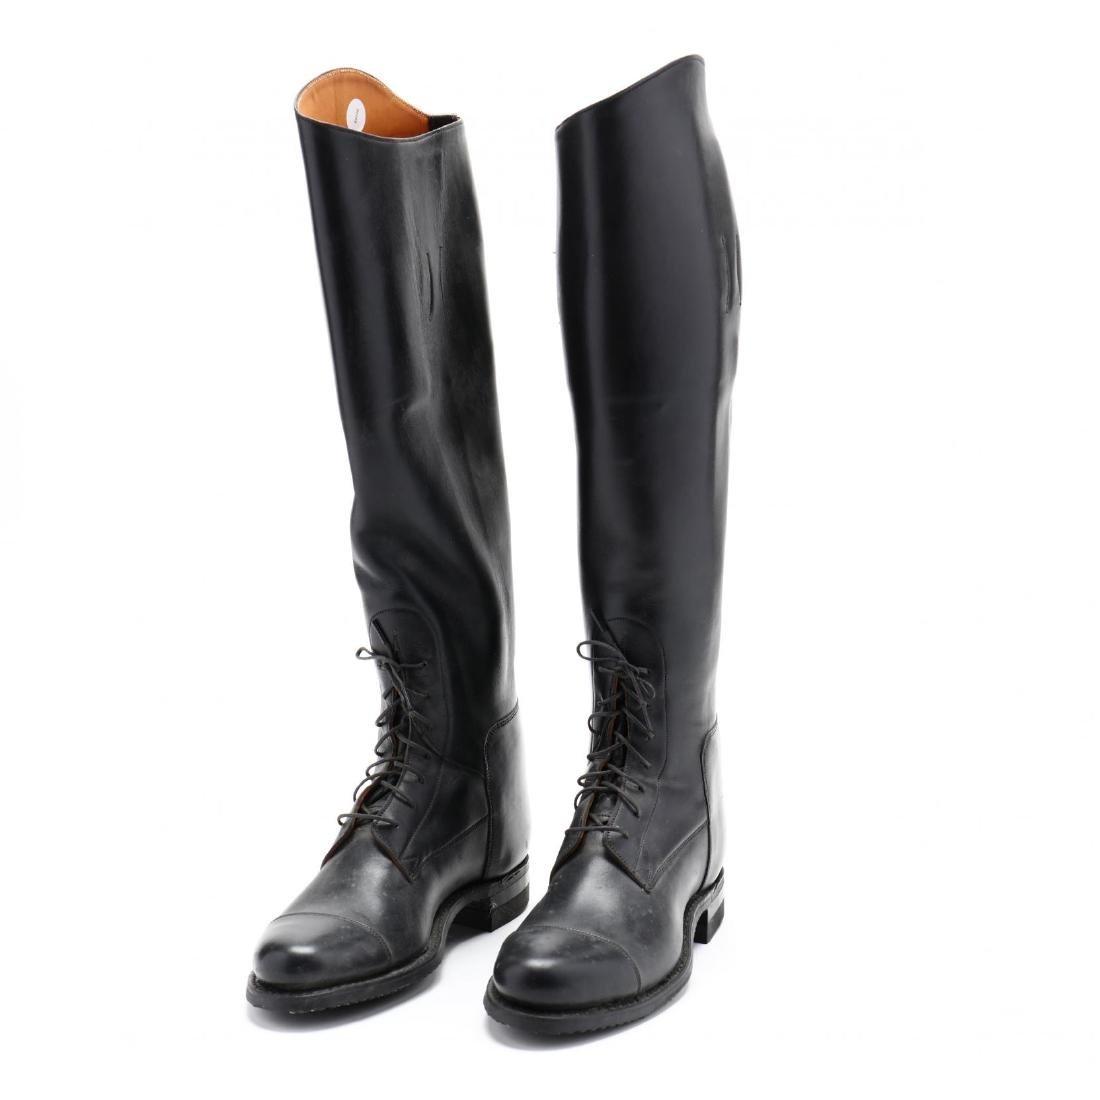 Pair of Ladies Custom Dehner's Equestrian Boots